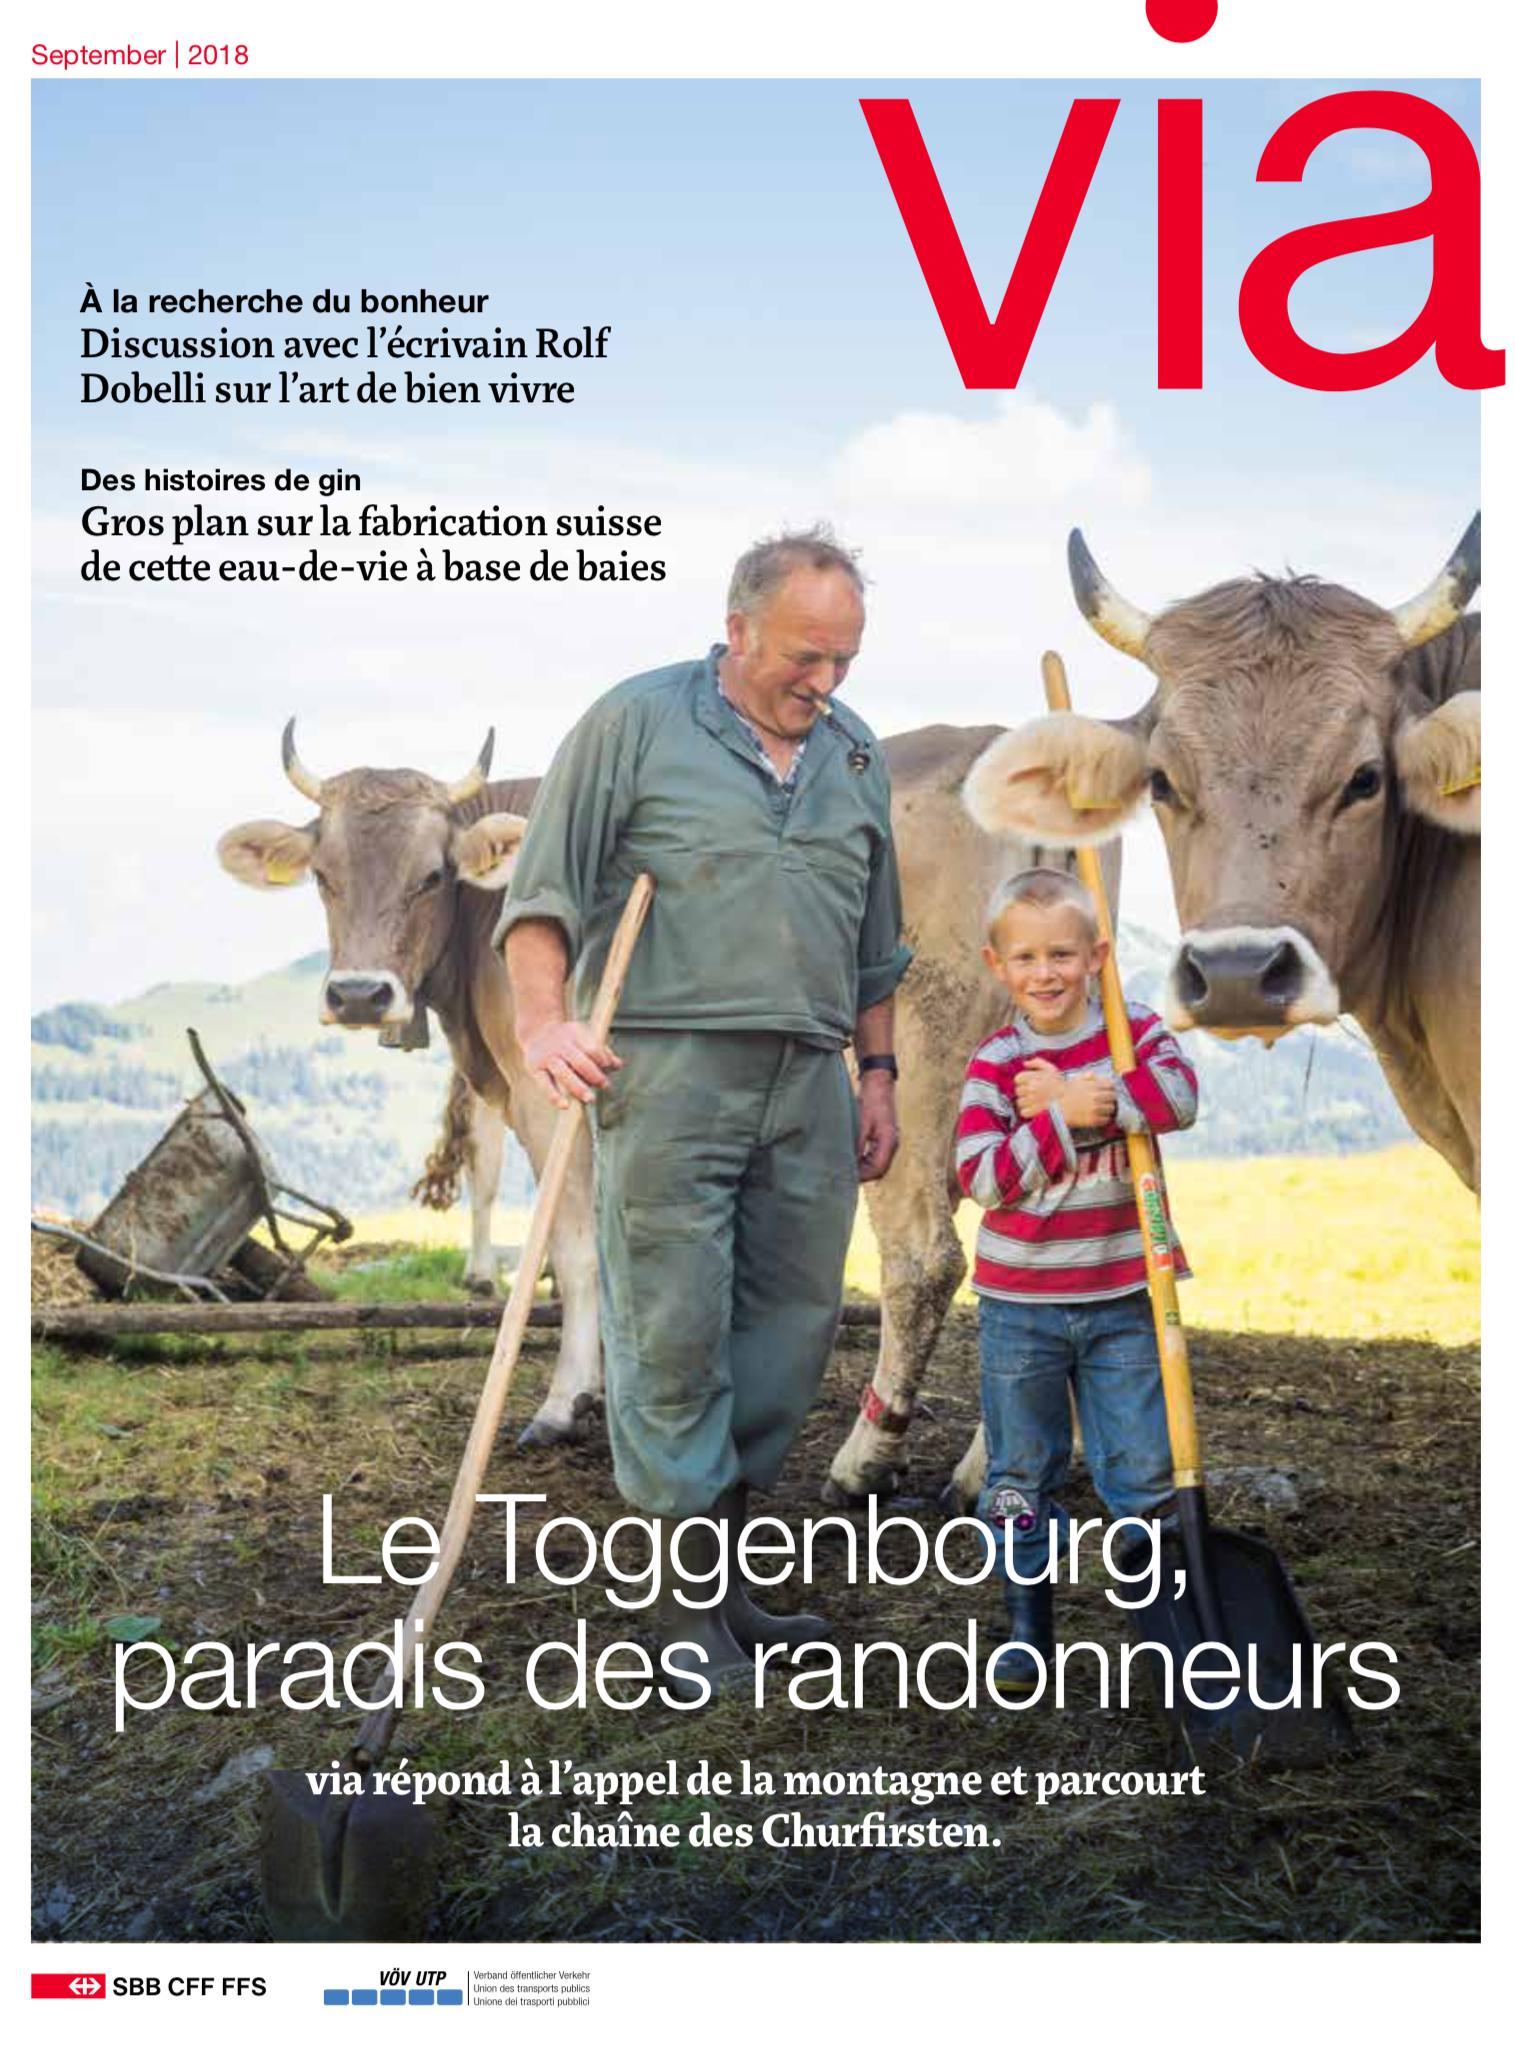 via718_cover_fr